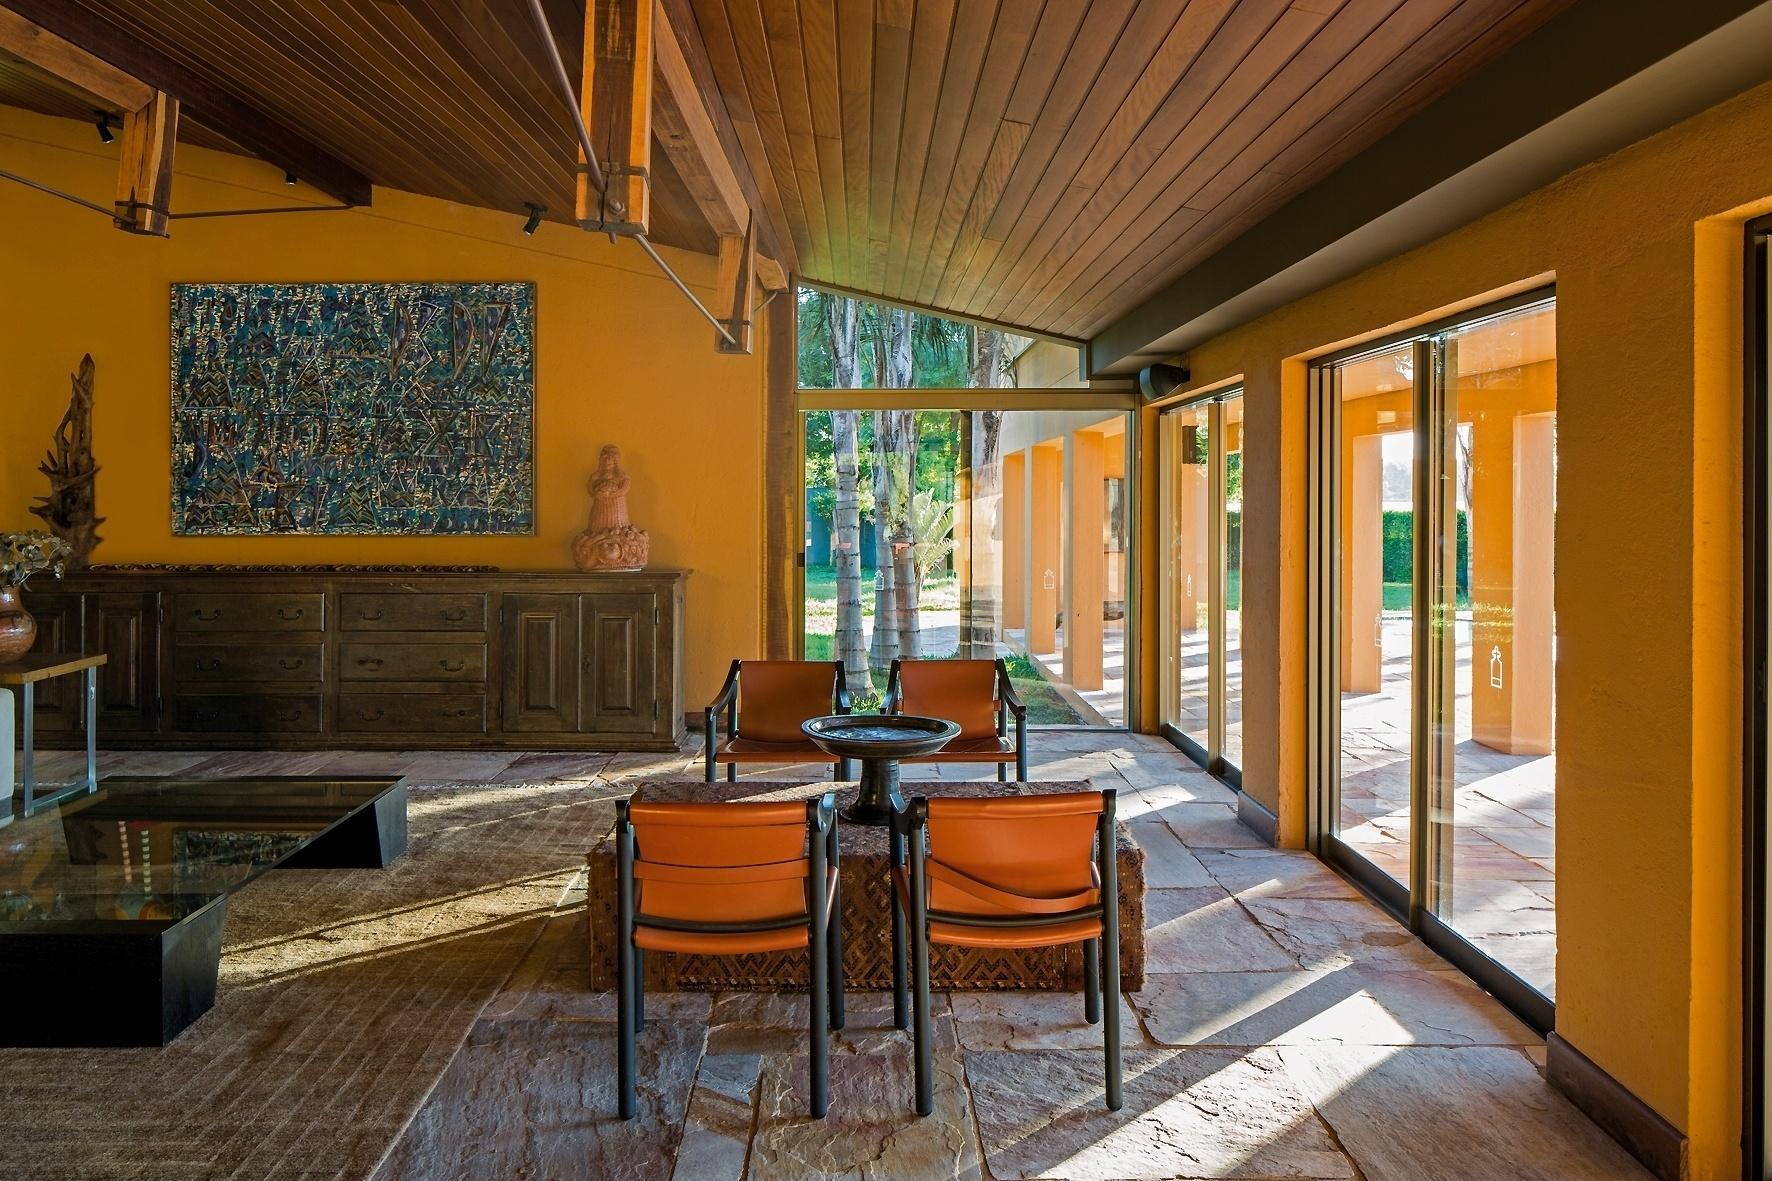 #B54E0C Salas de estar: sugestões para quem tem muito ou pouco espaço BOL  1772x1181 píxeis em Decoração Sala De Estar Com Escada